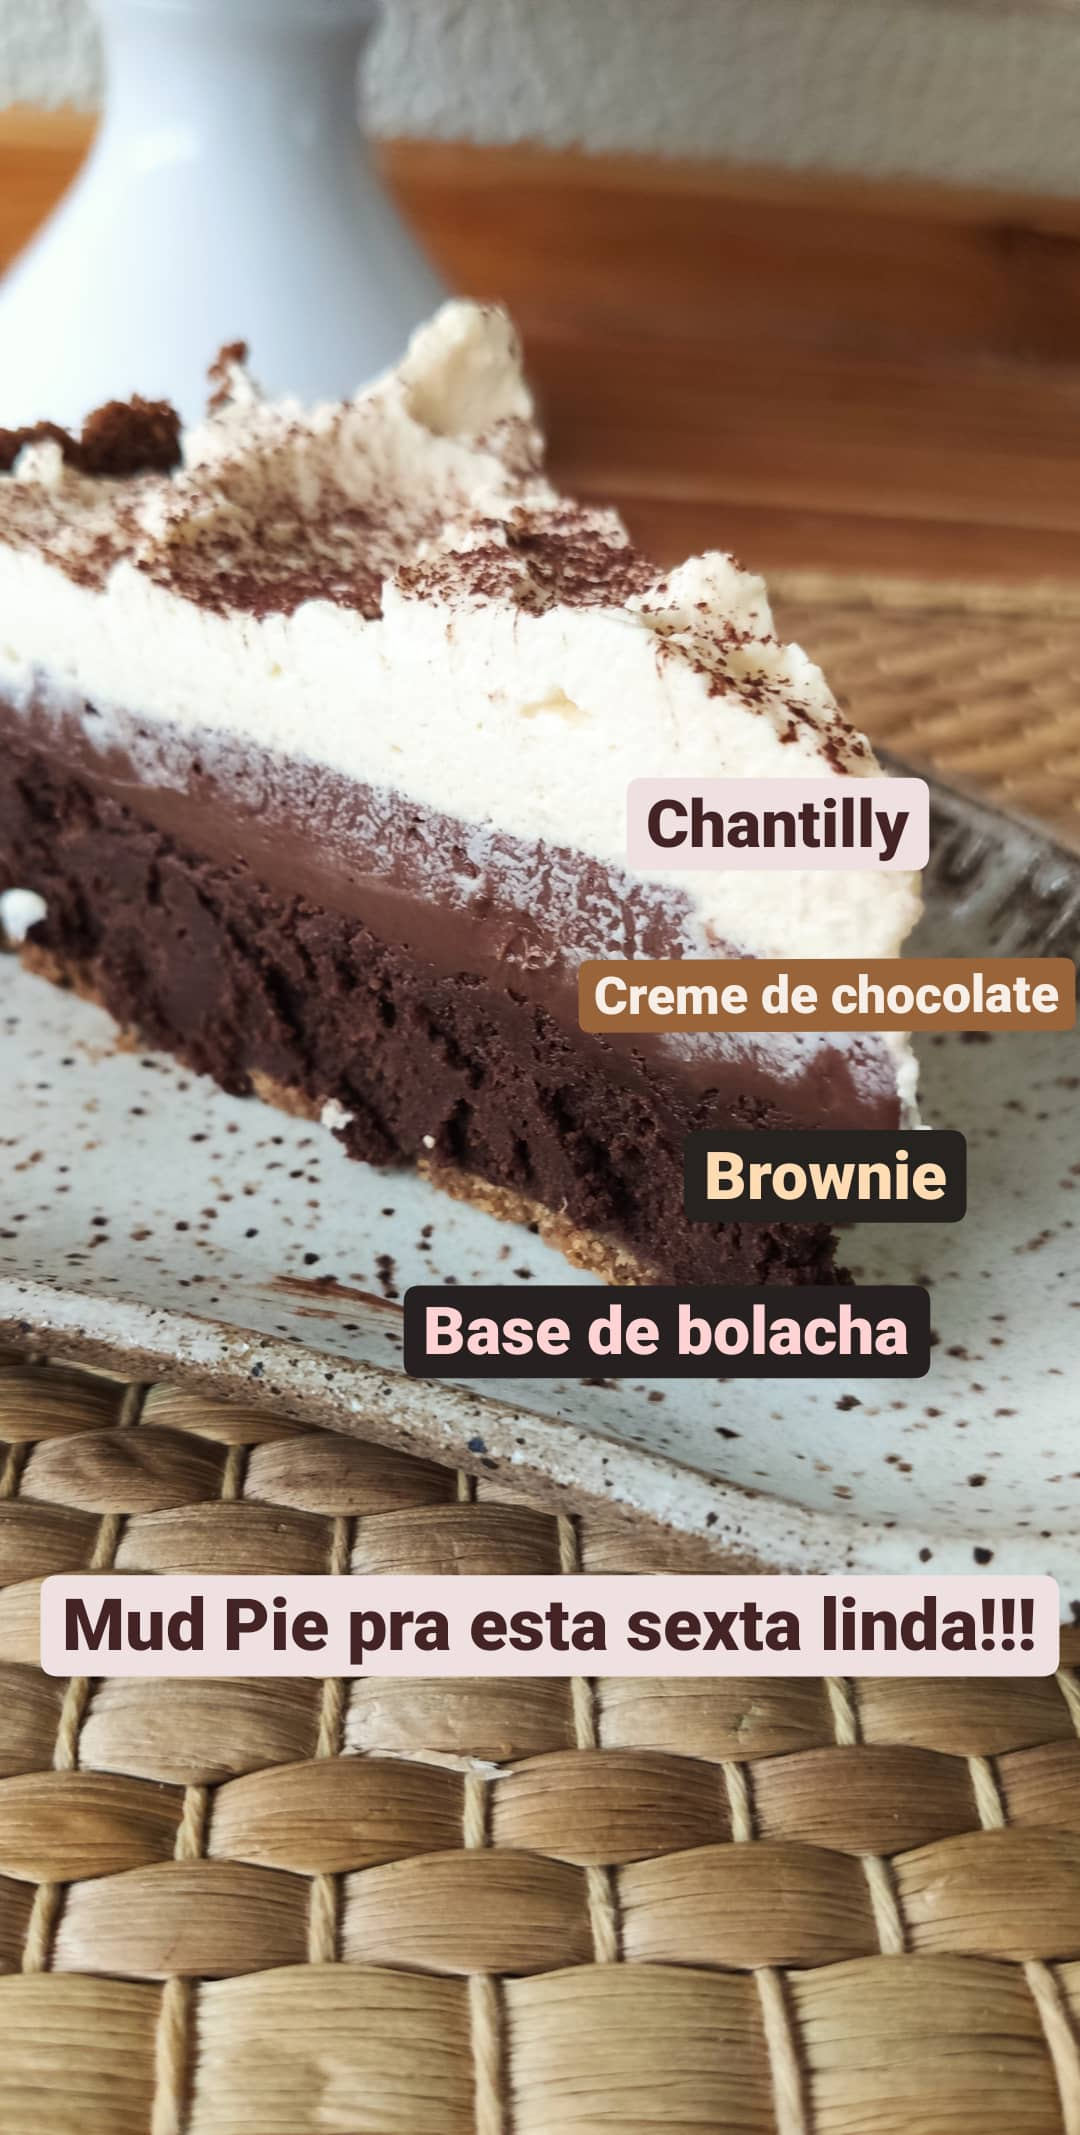 Ingredientes Mud Pie